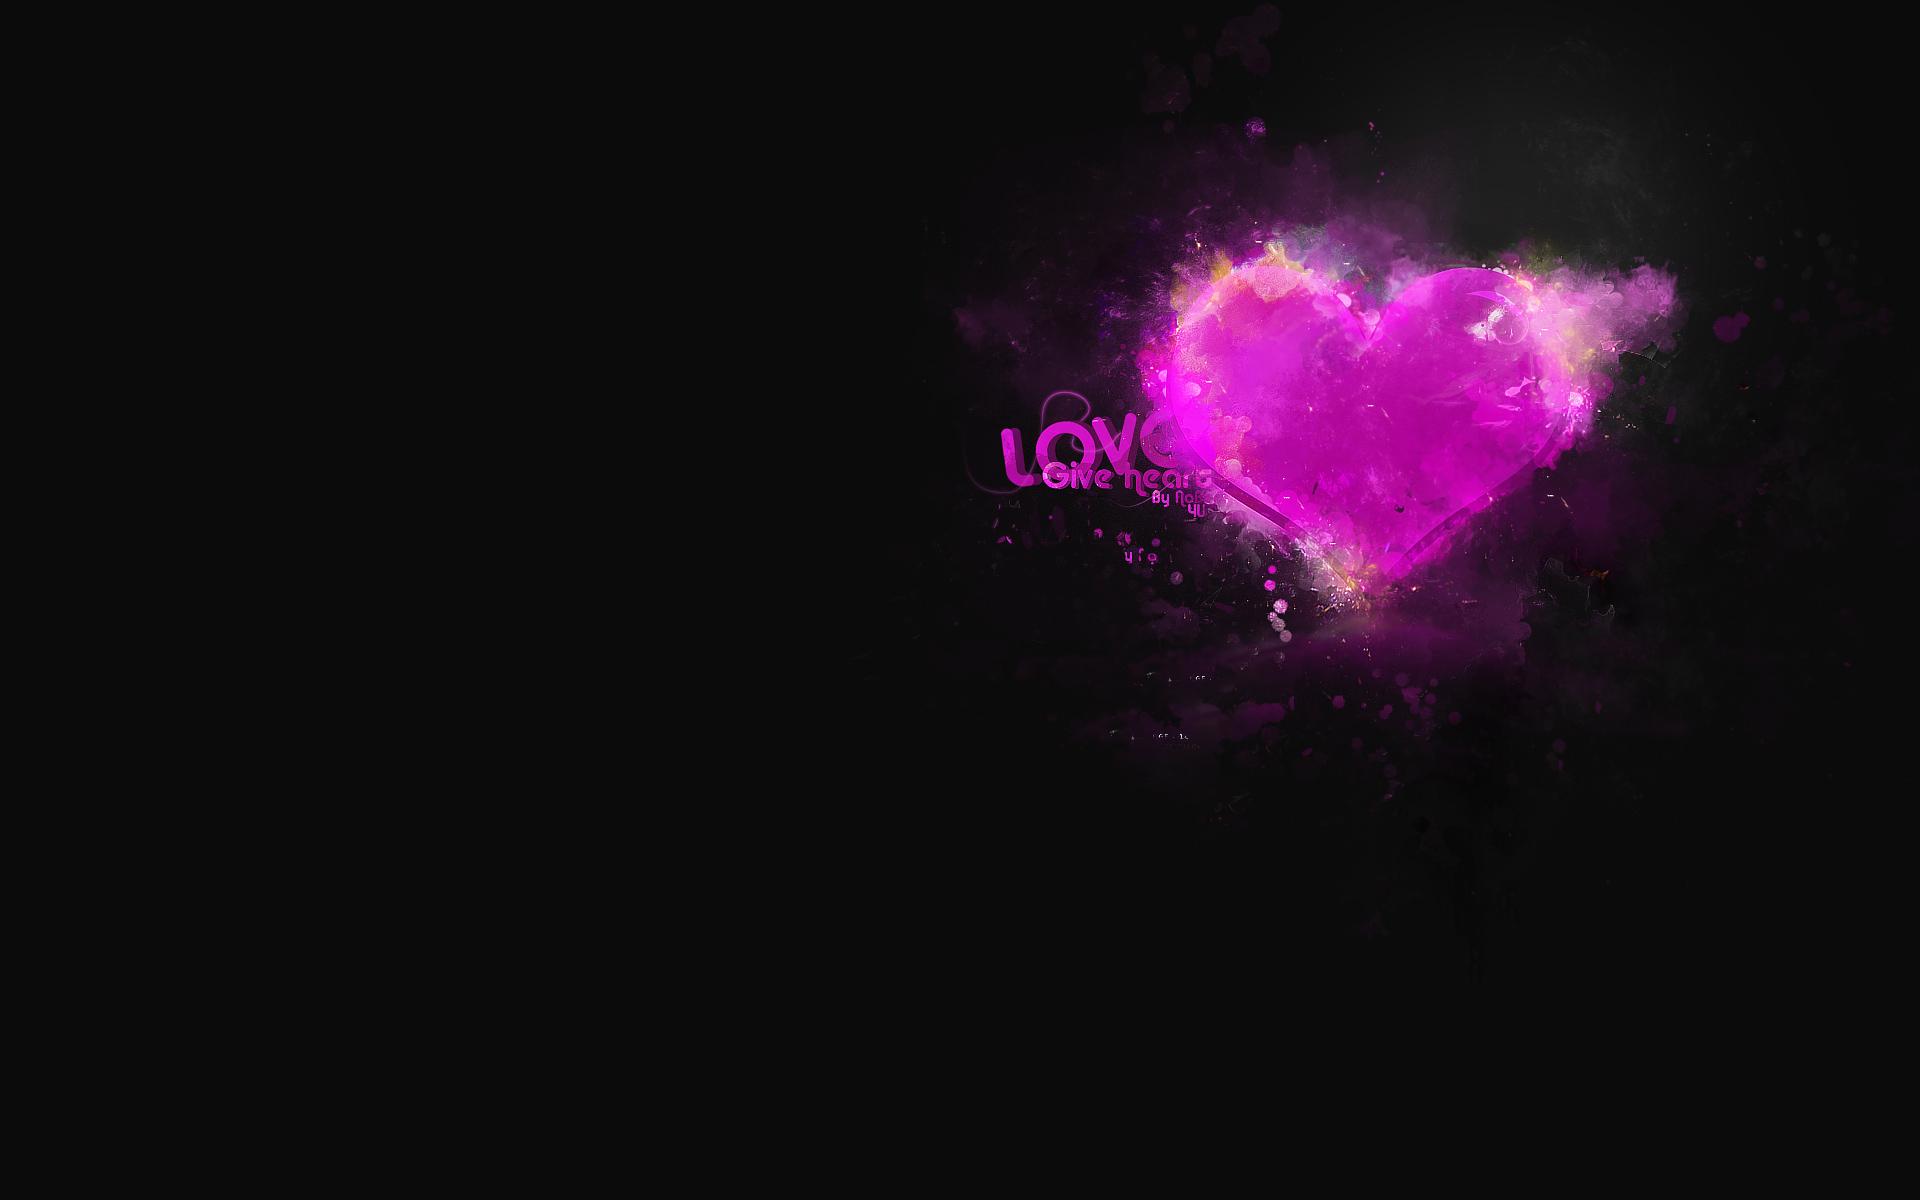 сердце на черном фоне, heart wallpaper, скачать